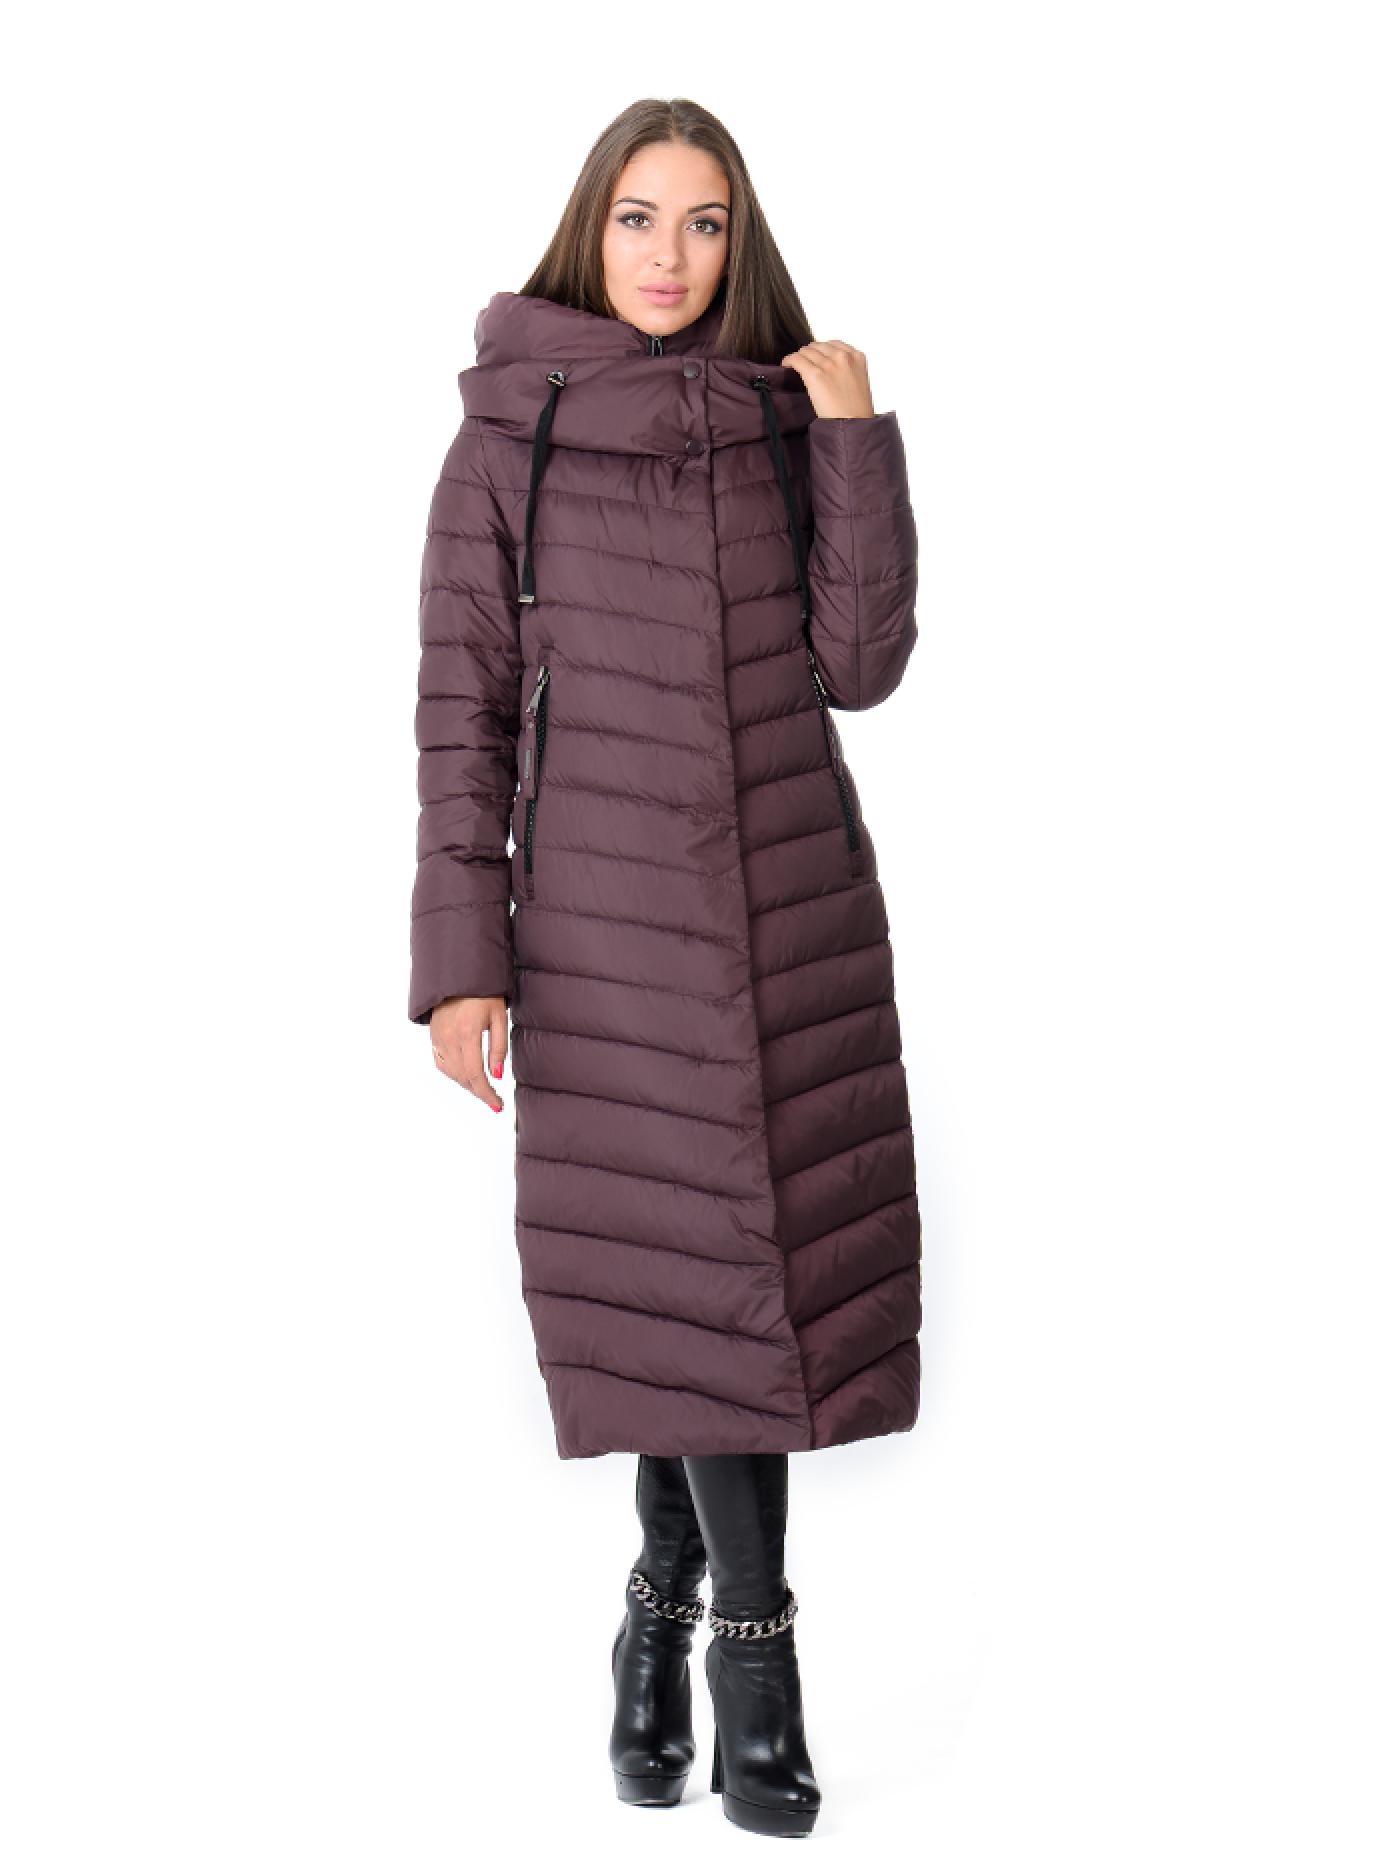 Куртка зимняя женская длинная Бордовый S (02-SO19045): фото - Alster.ua